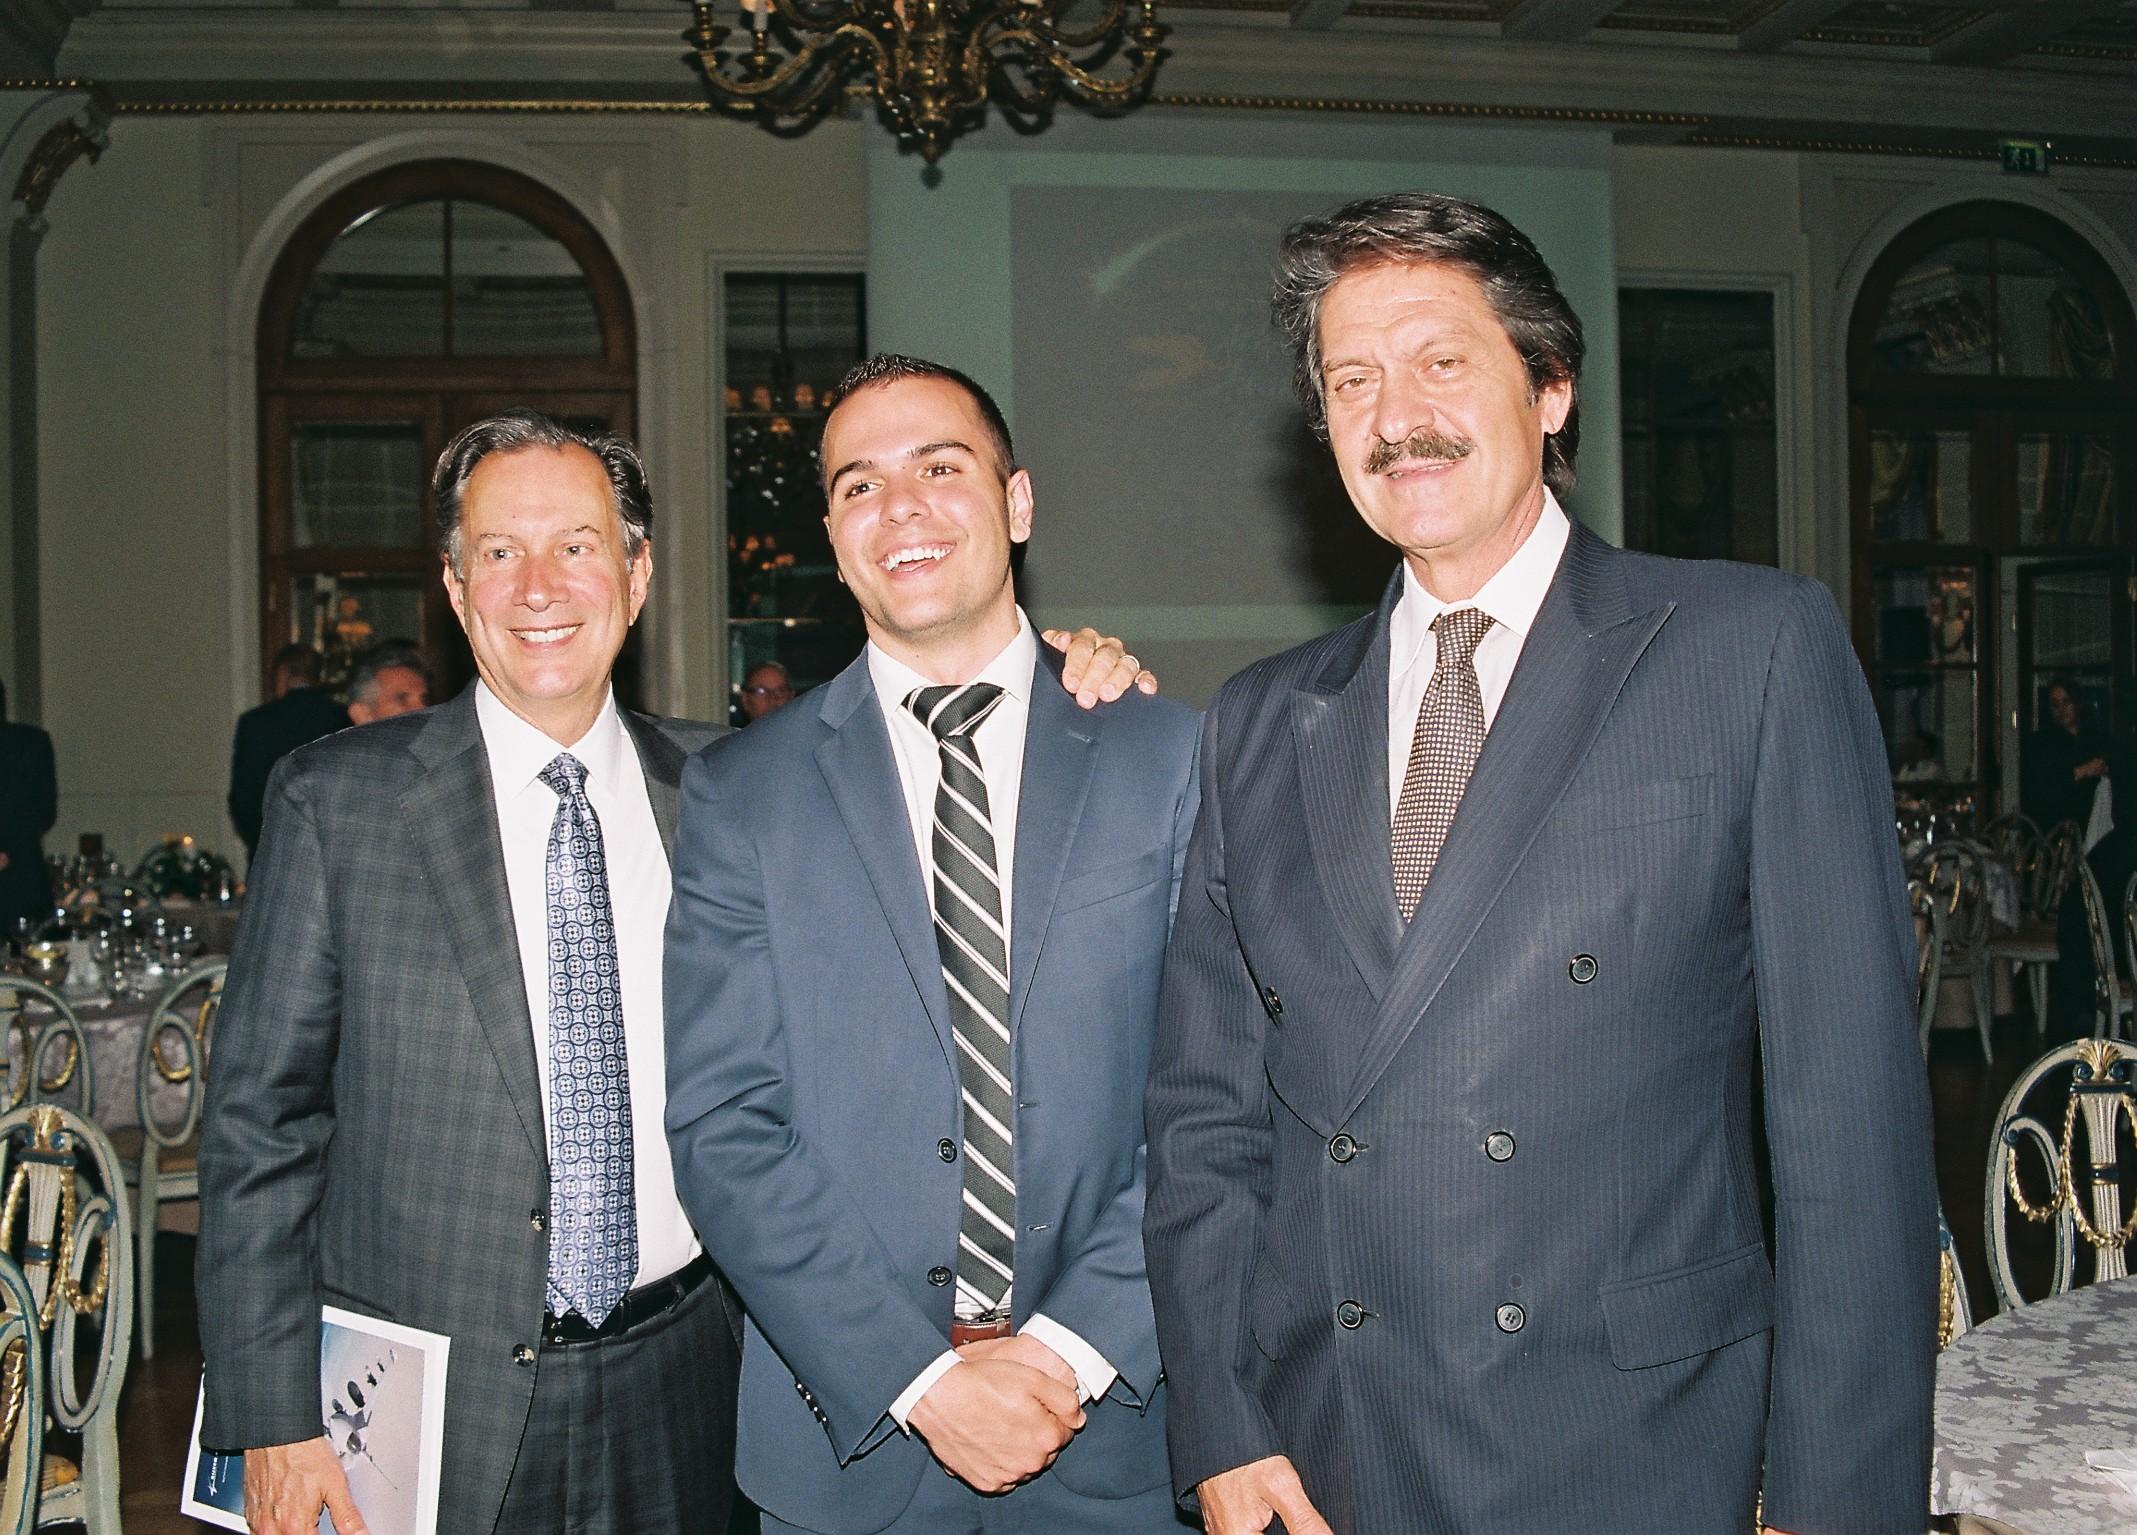 AHI Board Member Leon Andris, AHI Legislative Director Peter Milios, and AHI Board Member Kostas Alexakis.